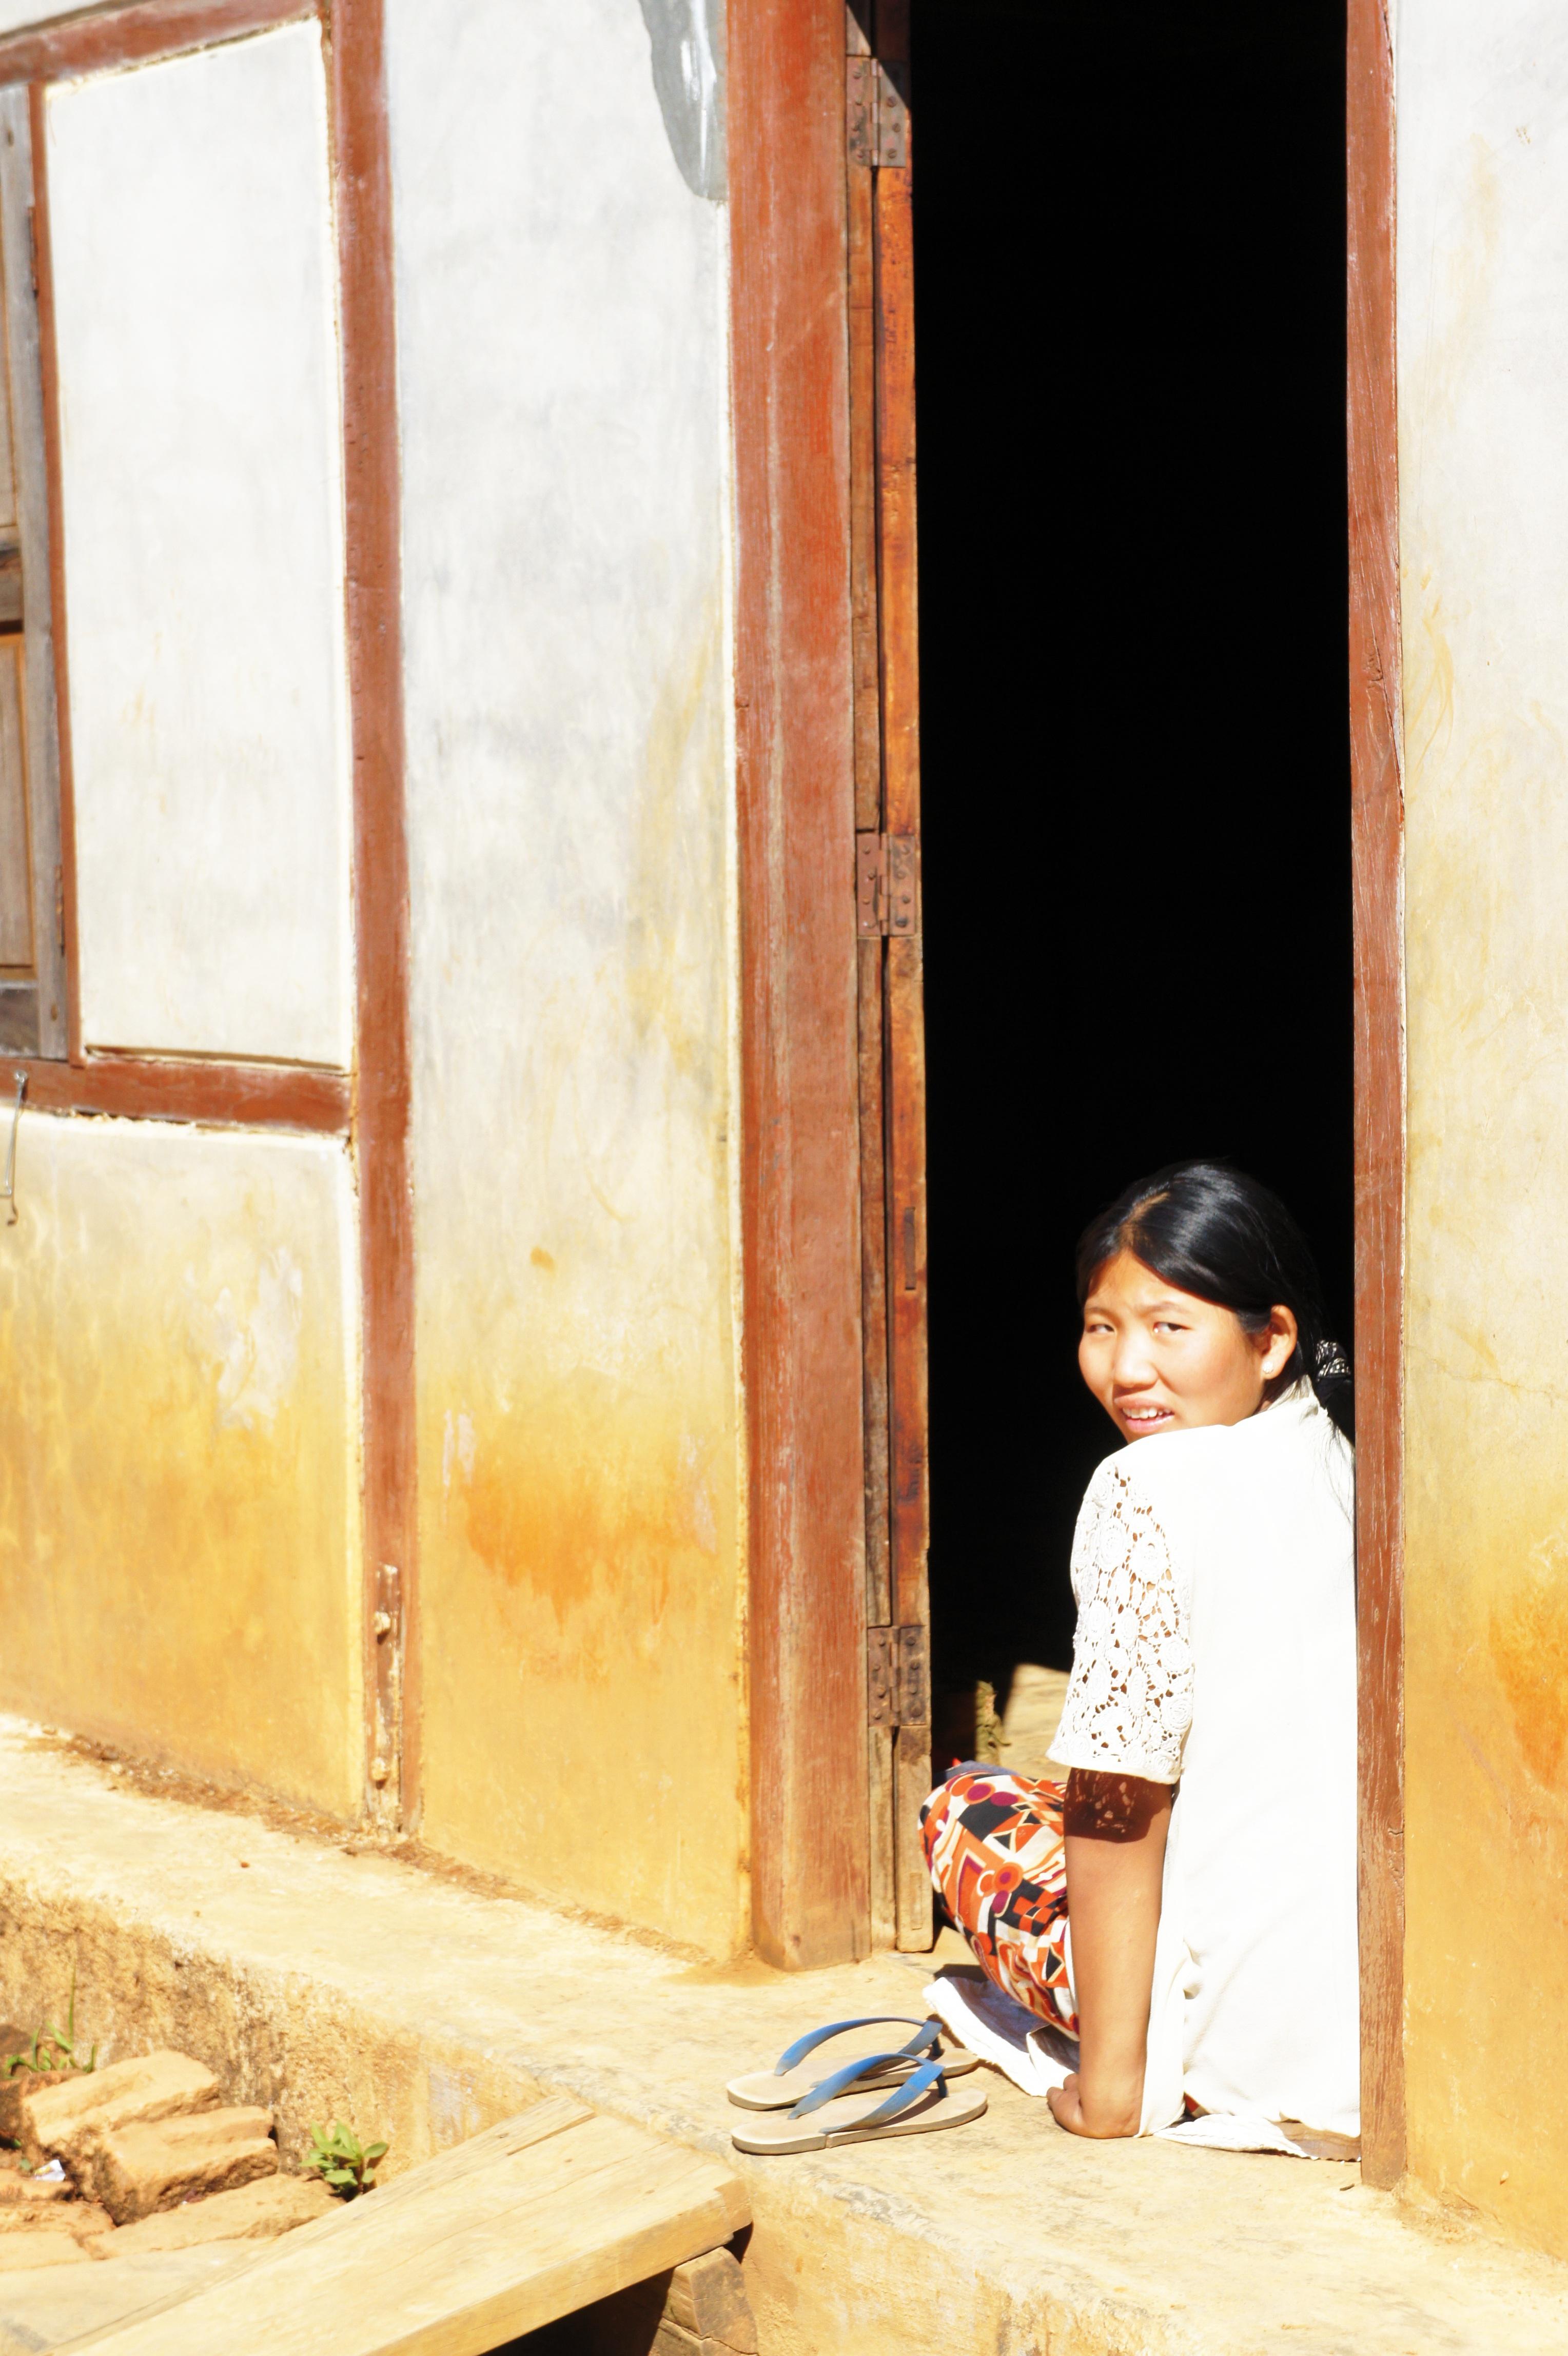 Fotos gratis : madera, niña, mujer, ventana, pared, color, pintura ...